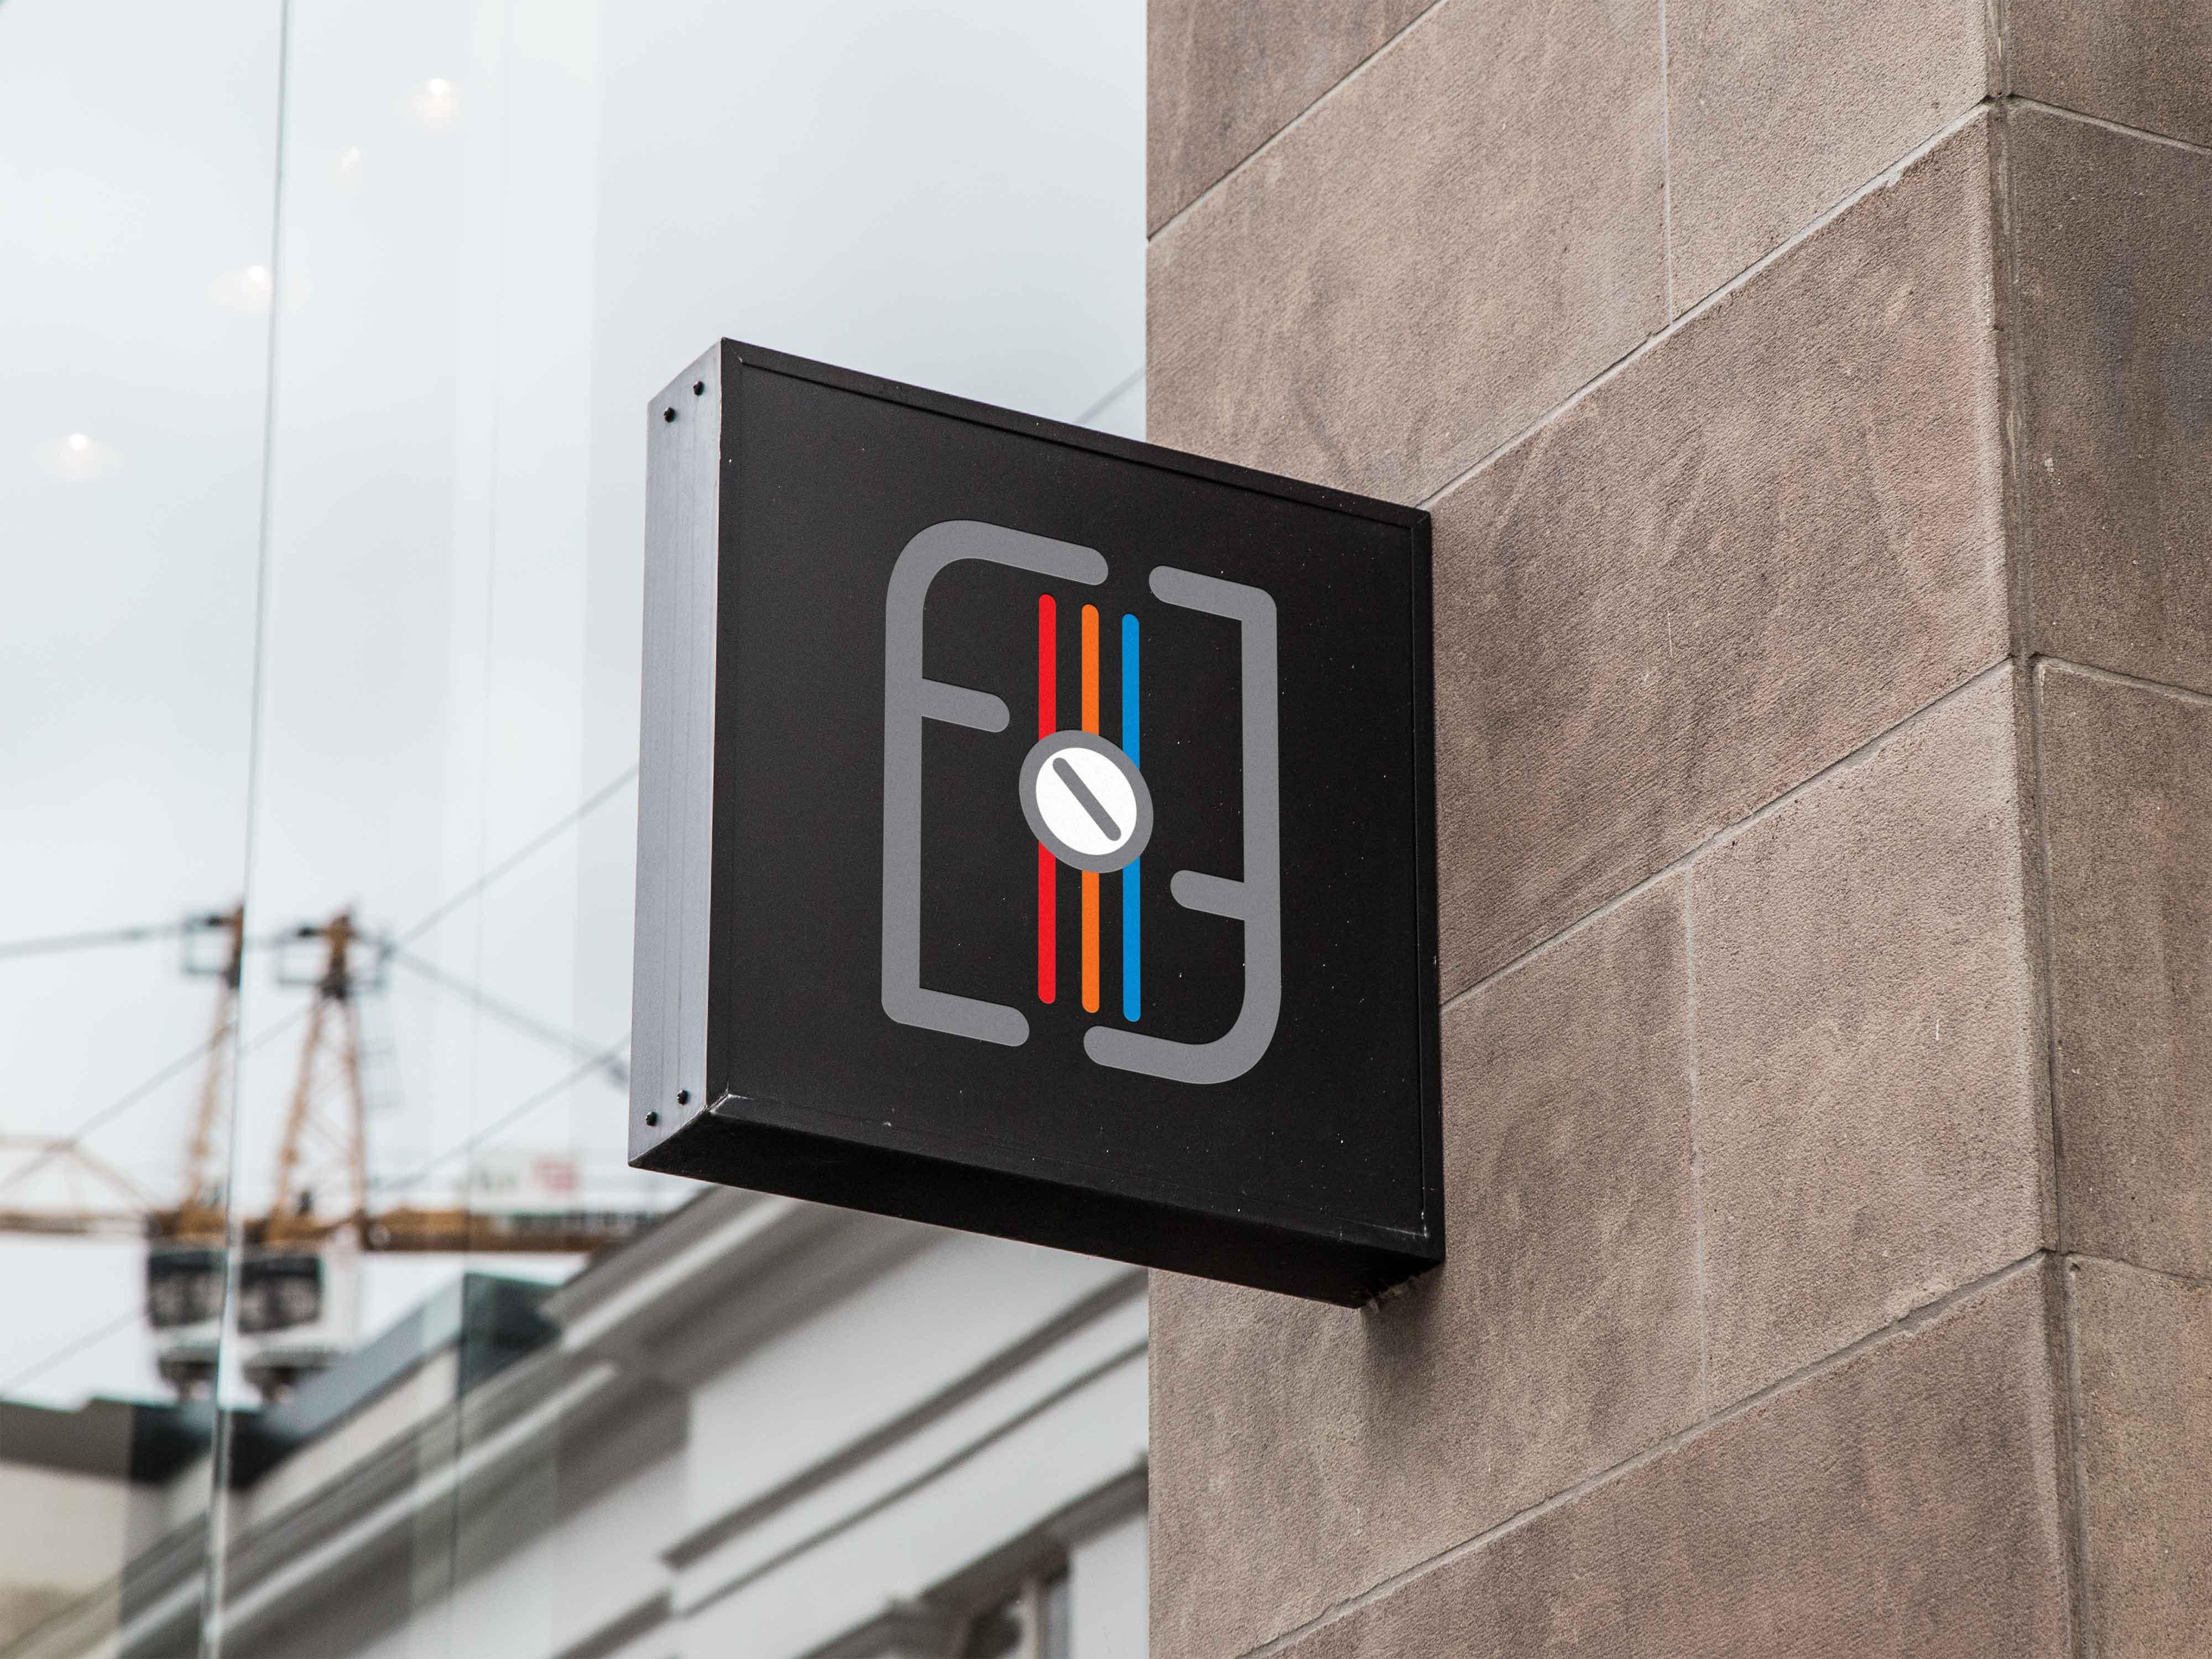 Разработать логотип для завода по производству электрощитов фото f_8345b71edd54323d.jpg